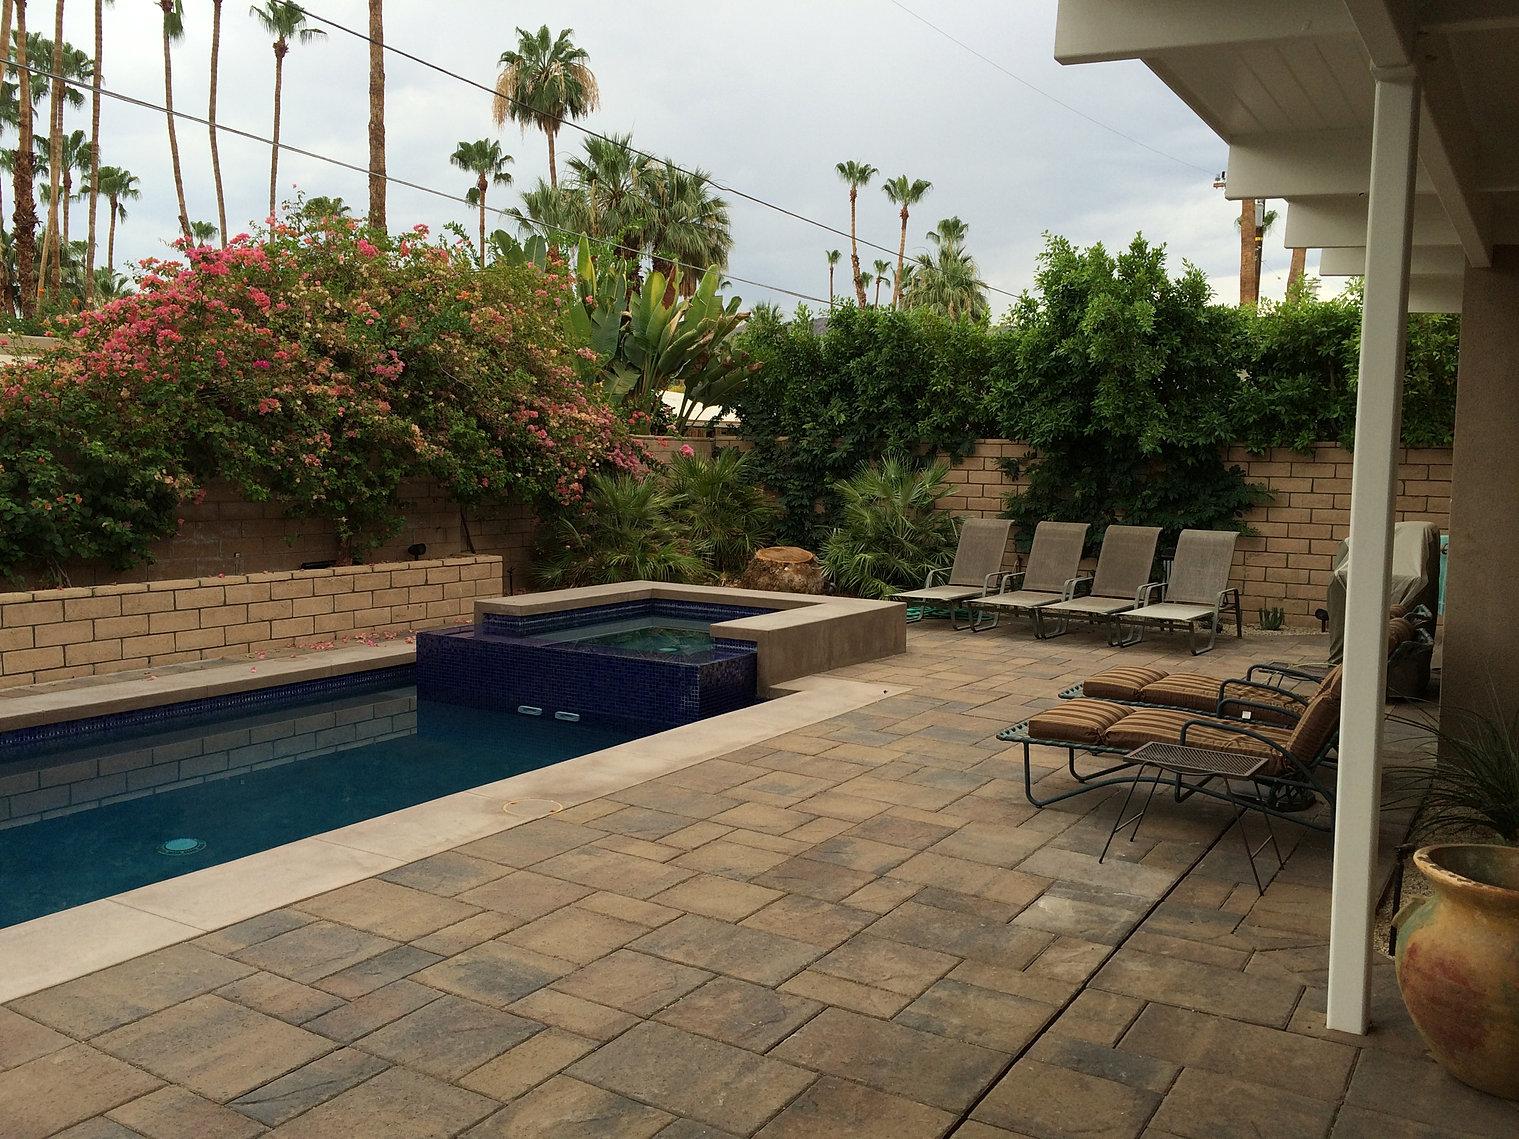 Landscape designer designs by patrice palm desert ca for Palm springs landscape design